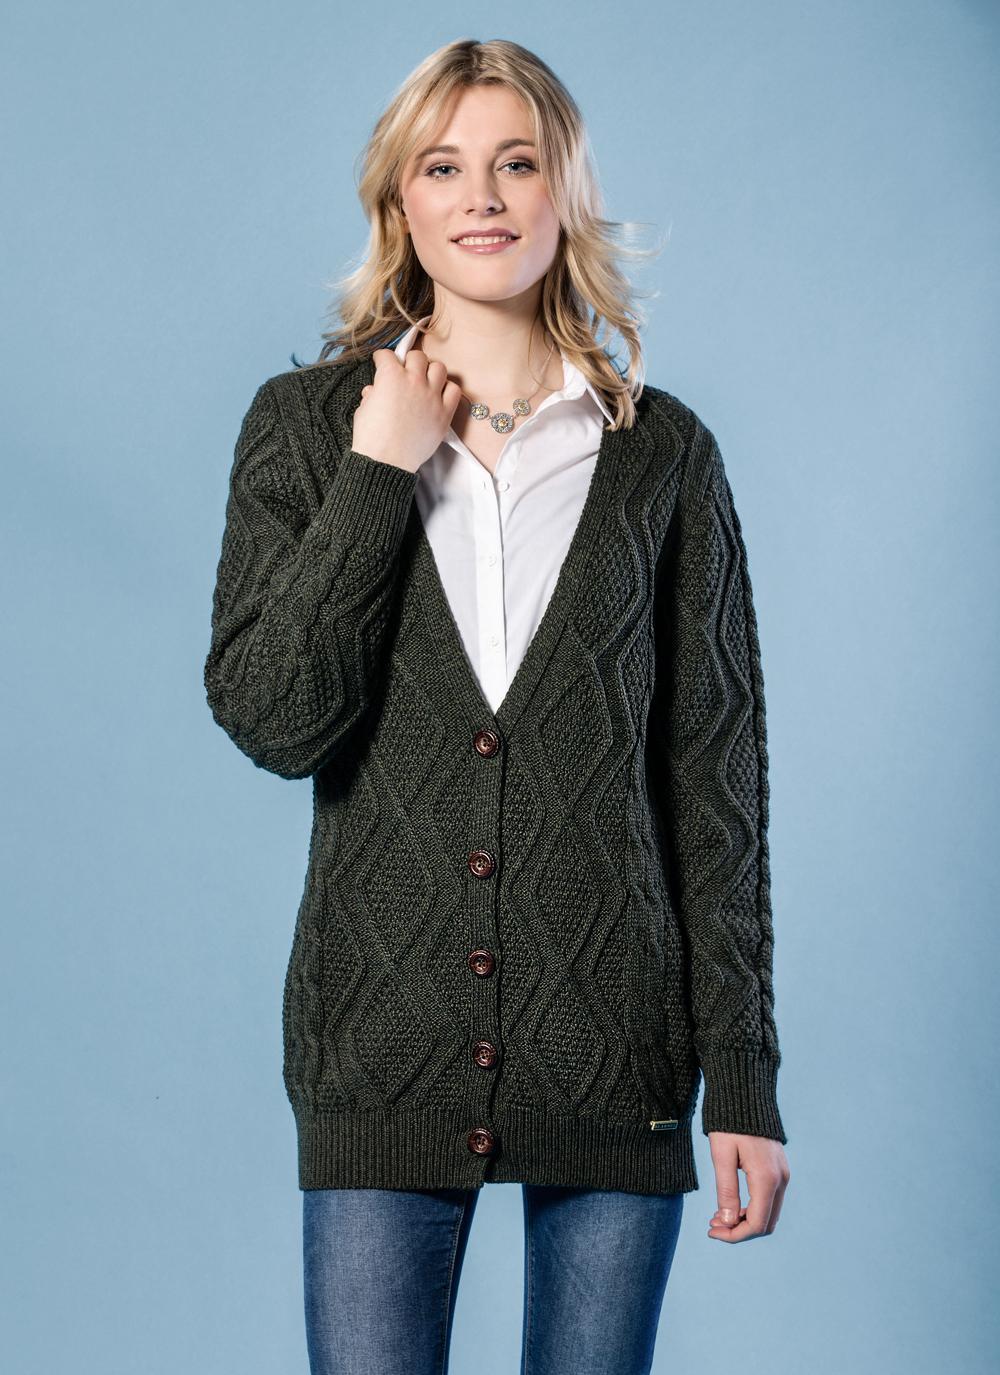 Sophie Aran Boyfriend Cardigan | Blarney